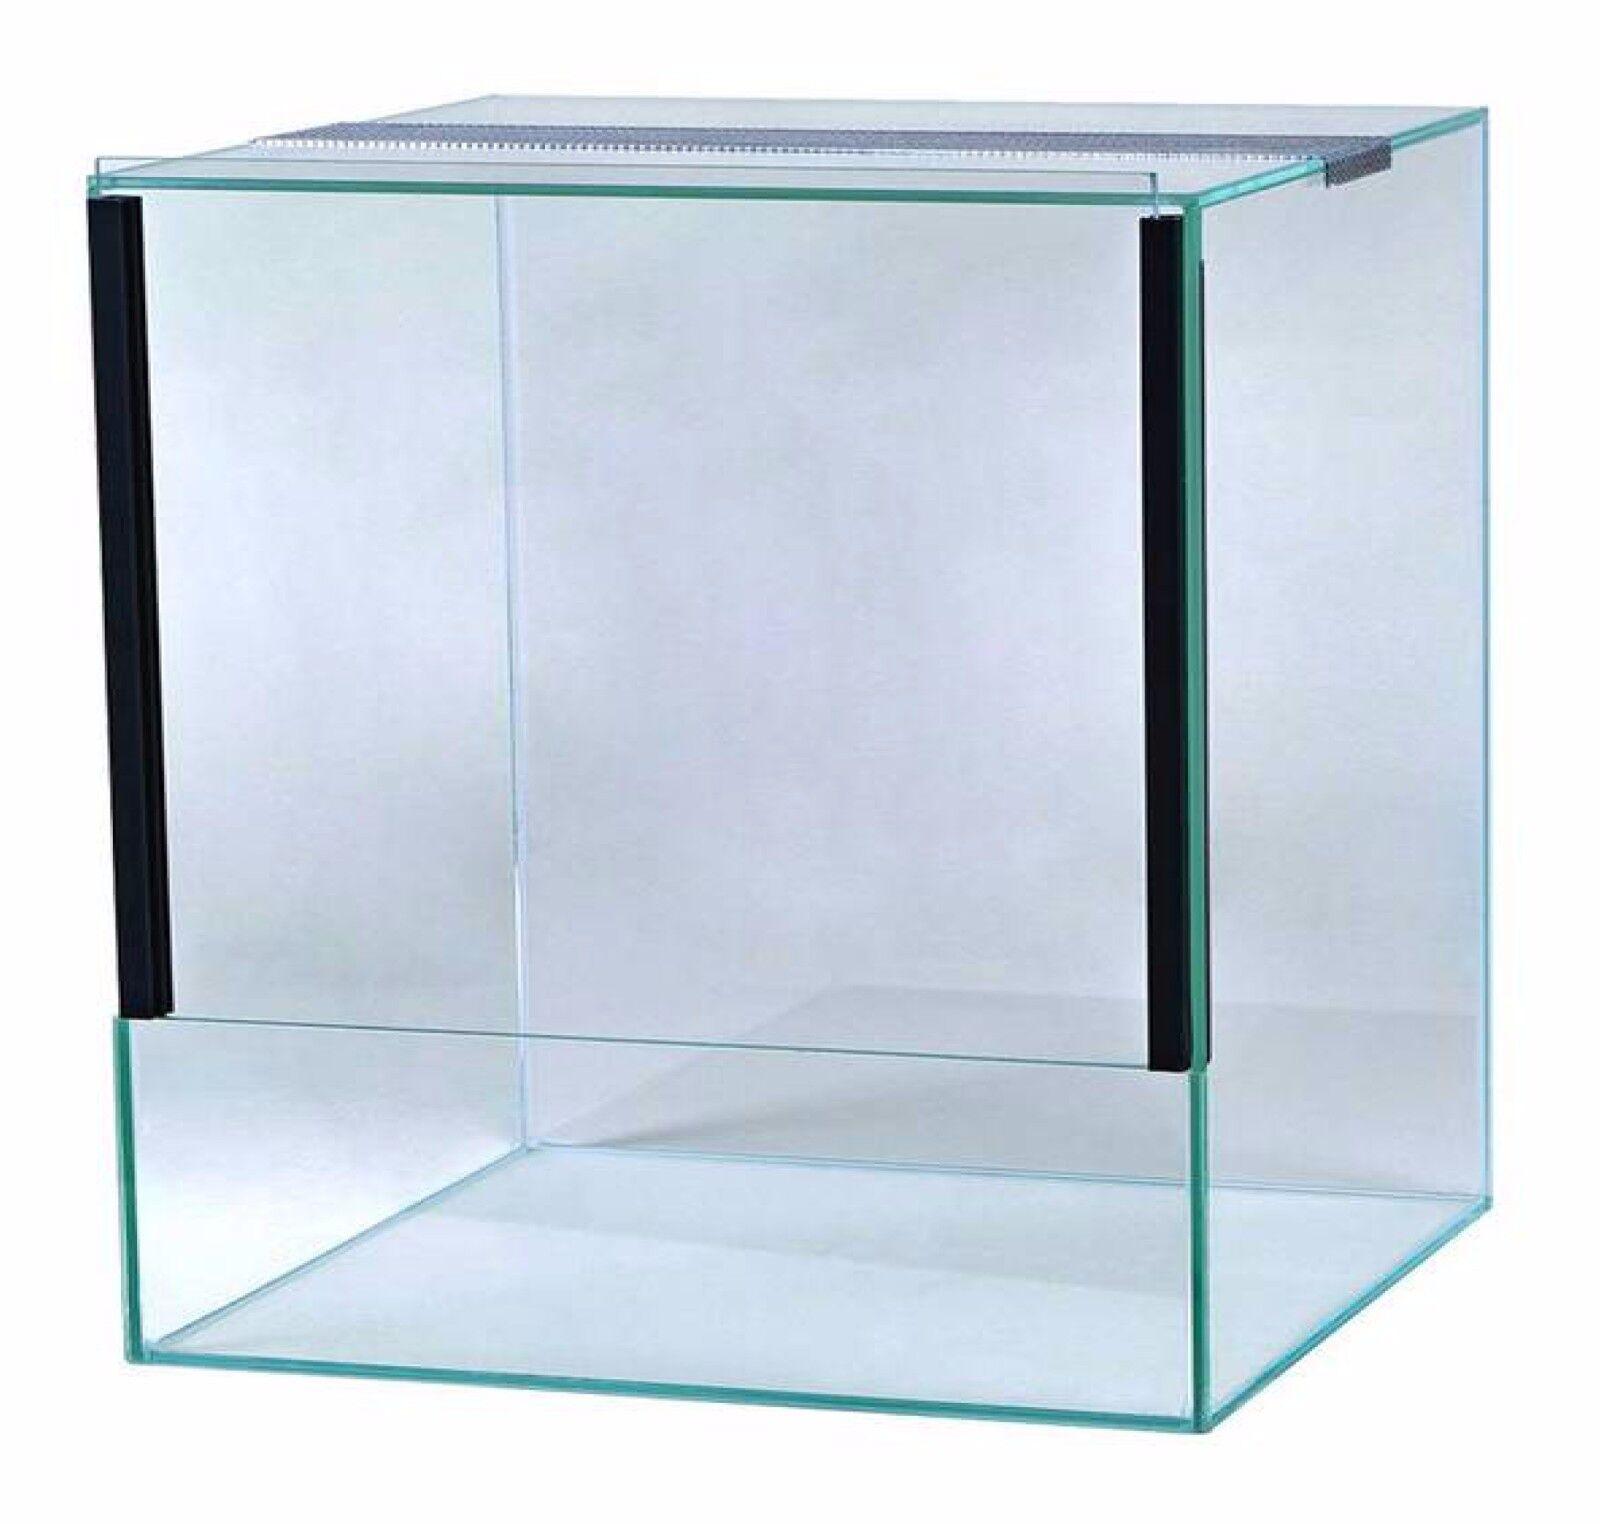 Glas Terrarium Schiebetür Falltür Glasterrarium Reptilien Spinnen viele Größen 20x20x20 Falltür